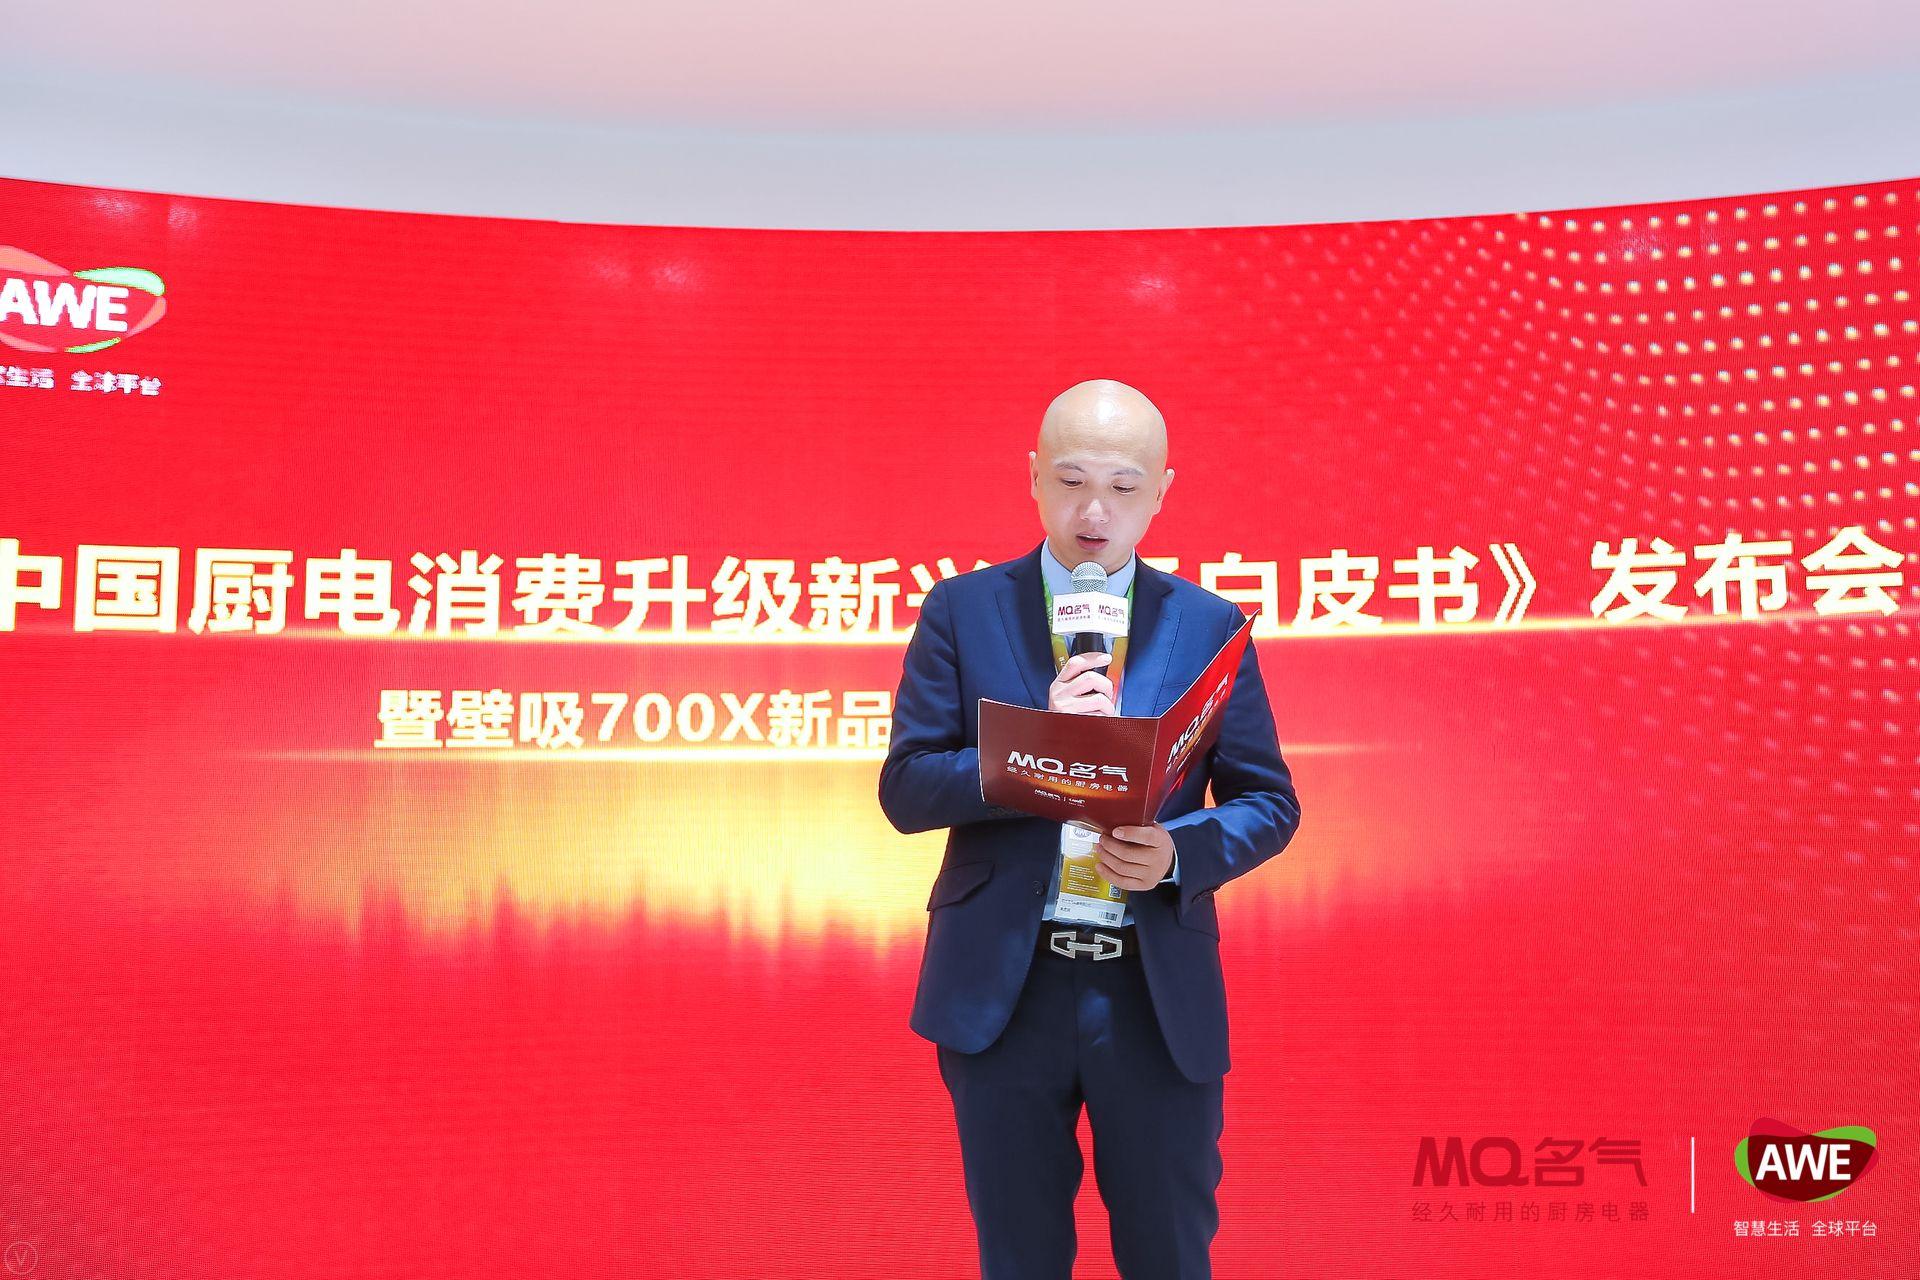 名气首秀AWE上海家电博览会,三大发布竖起新风向!